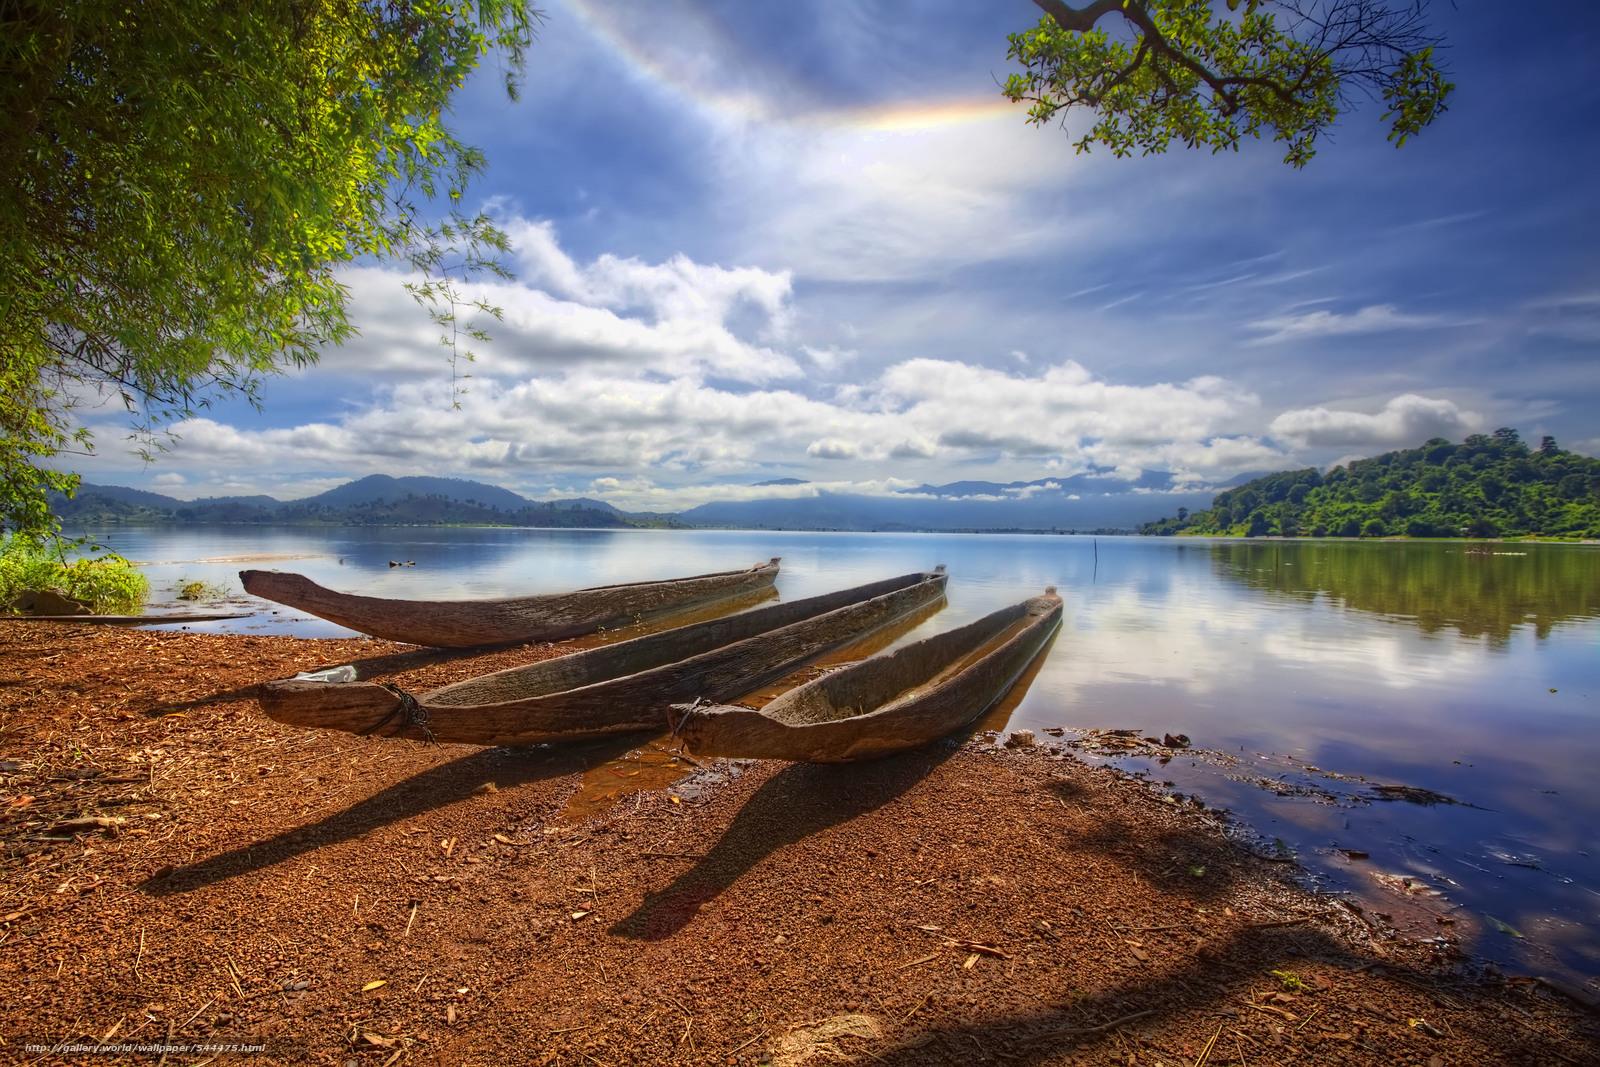 wallpaper Vietnam Lake Lak Vietnam Lac desktop wallpaper 1600x1067